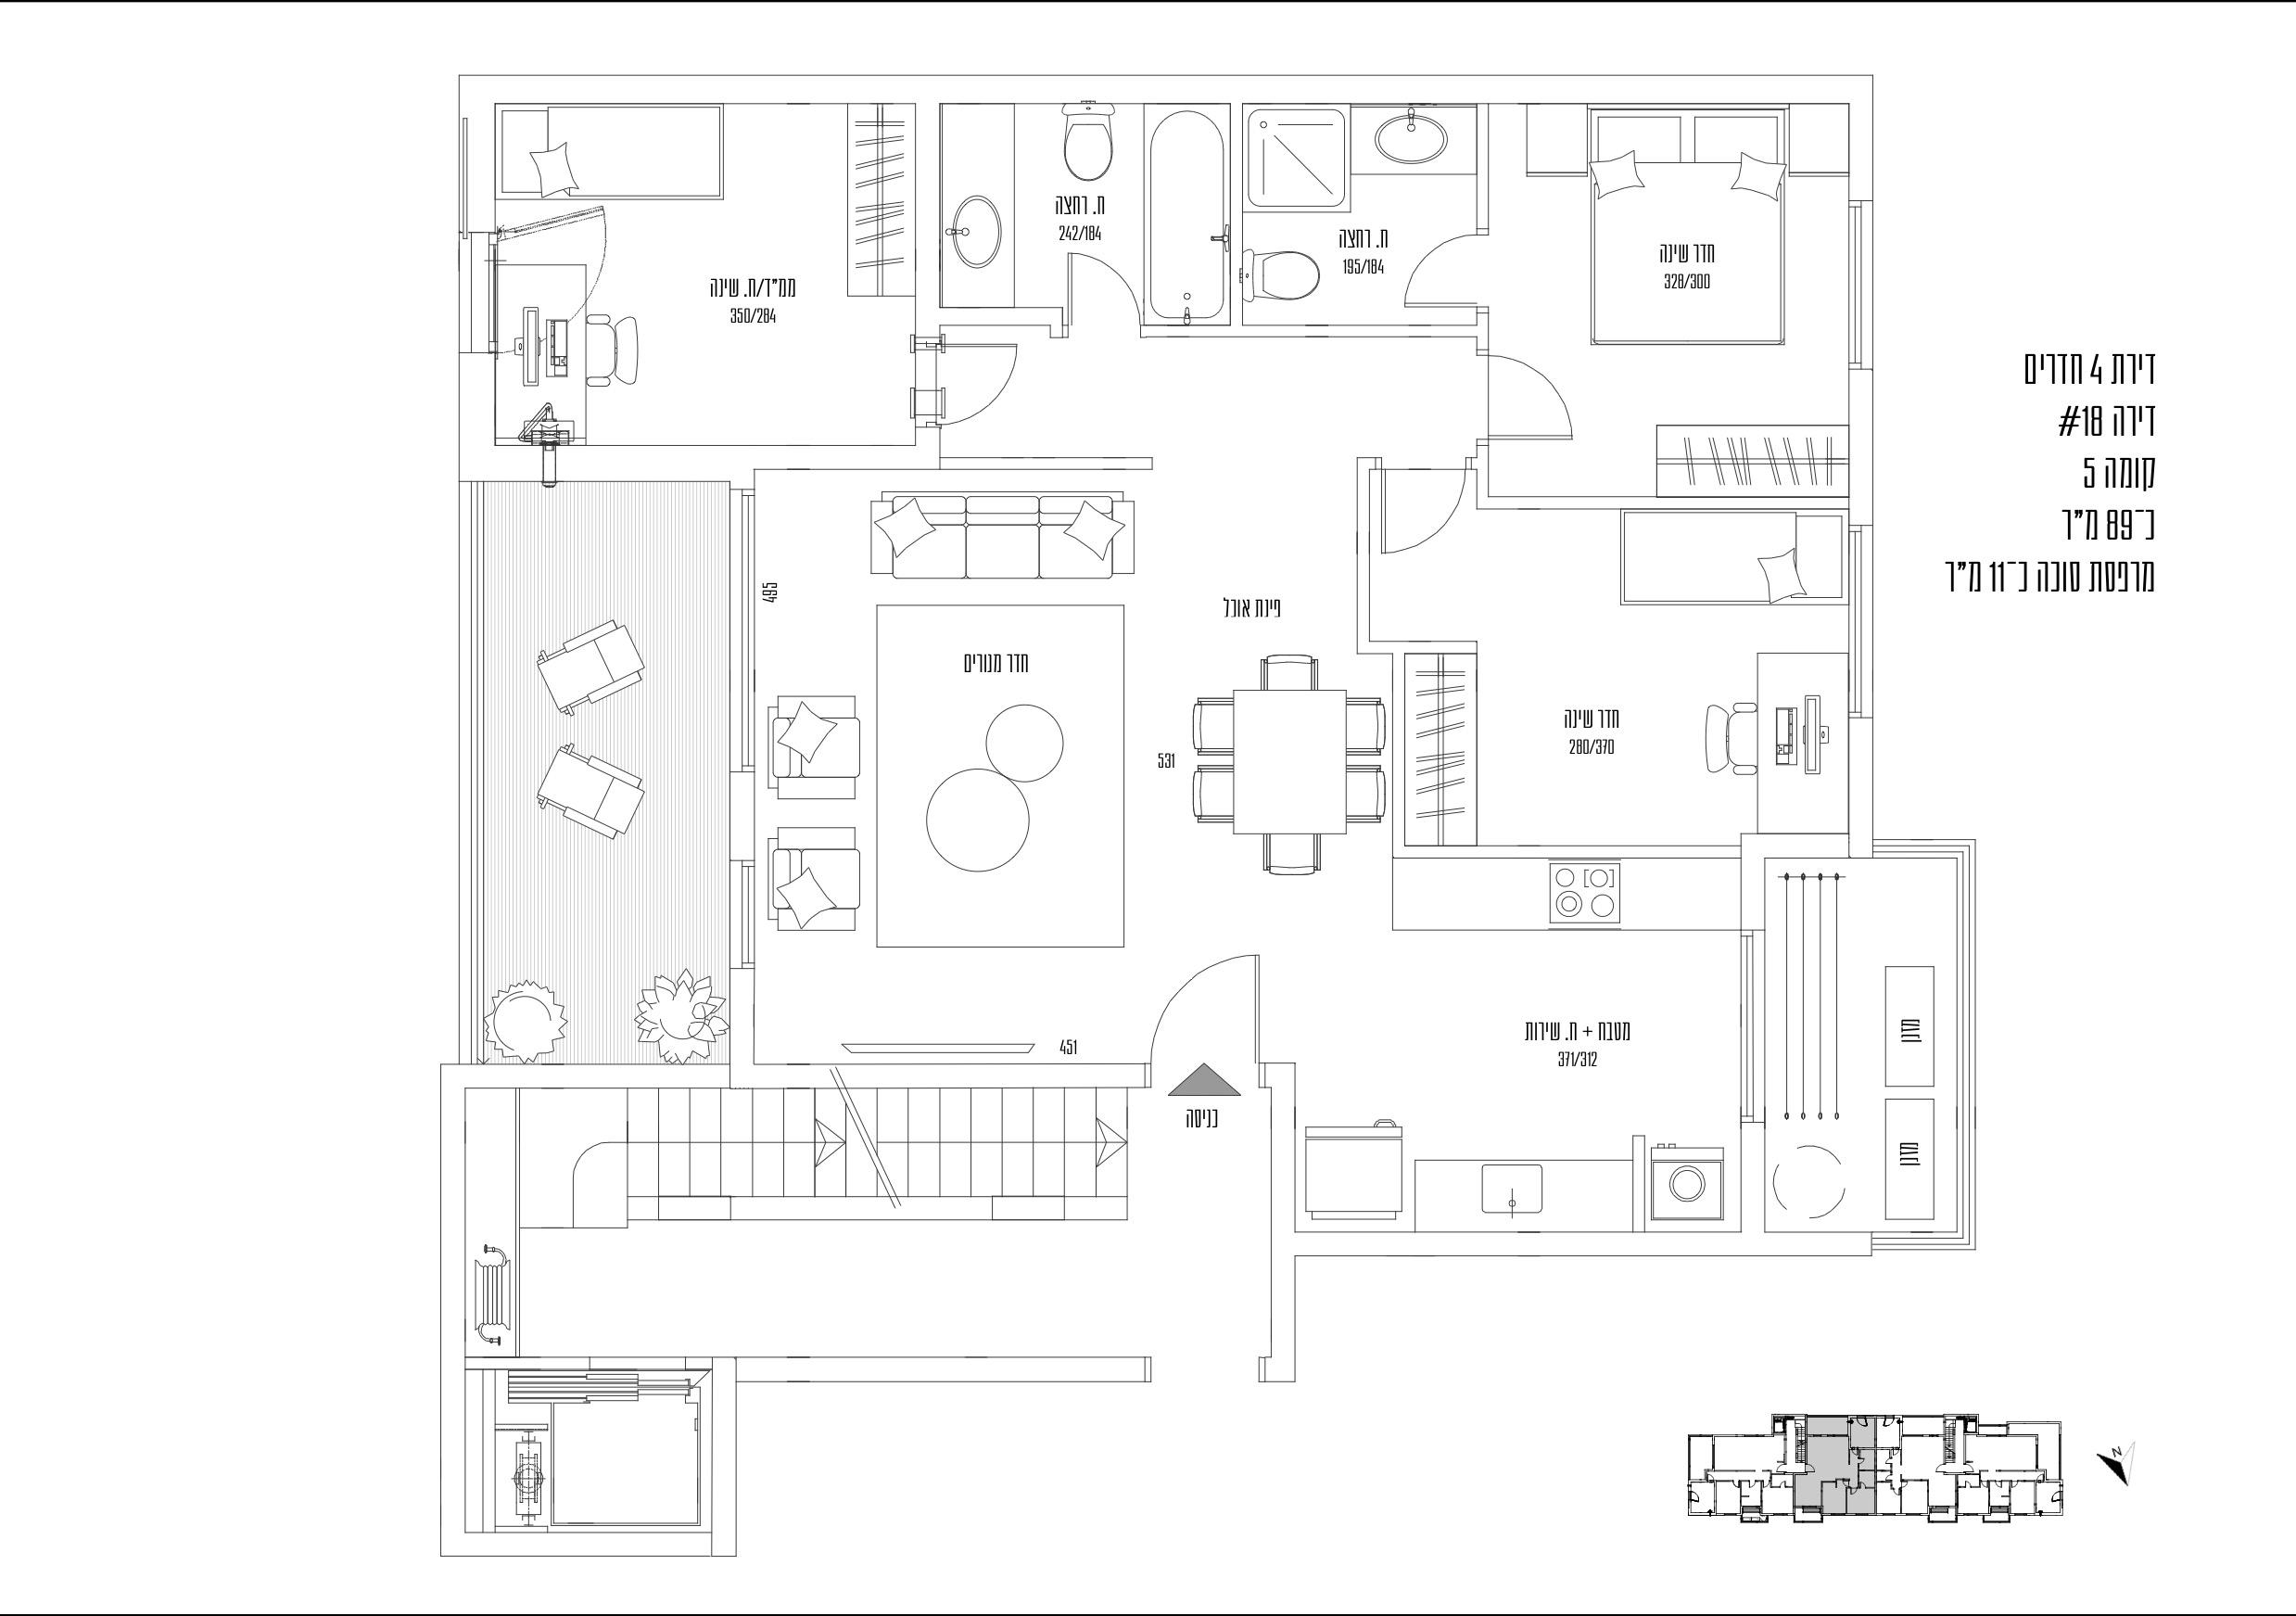 4 pièces de 89 m2 avec une terrasse de 11 m2